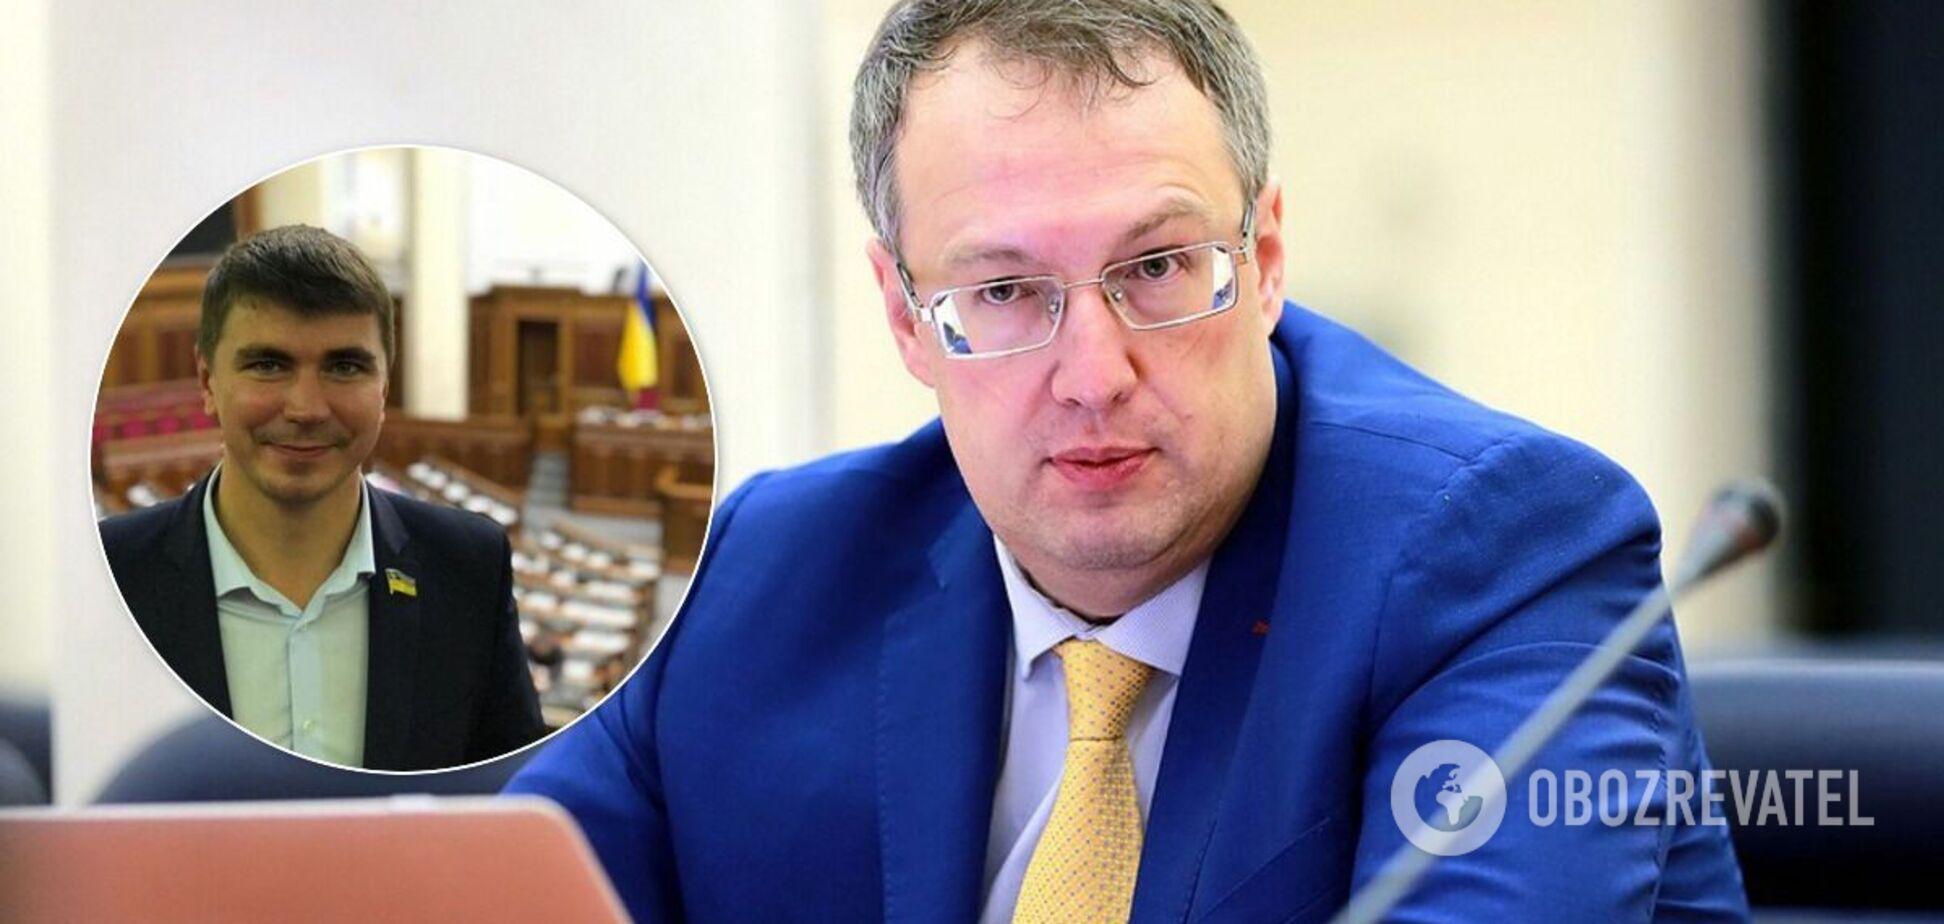 Антон Поляков и Антон Геращенко